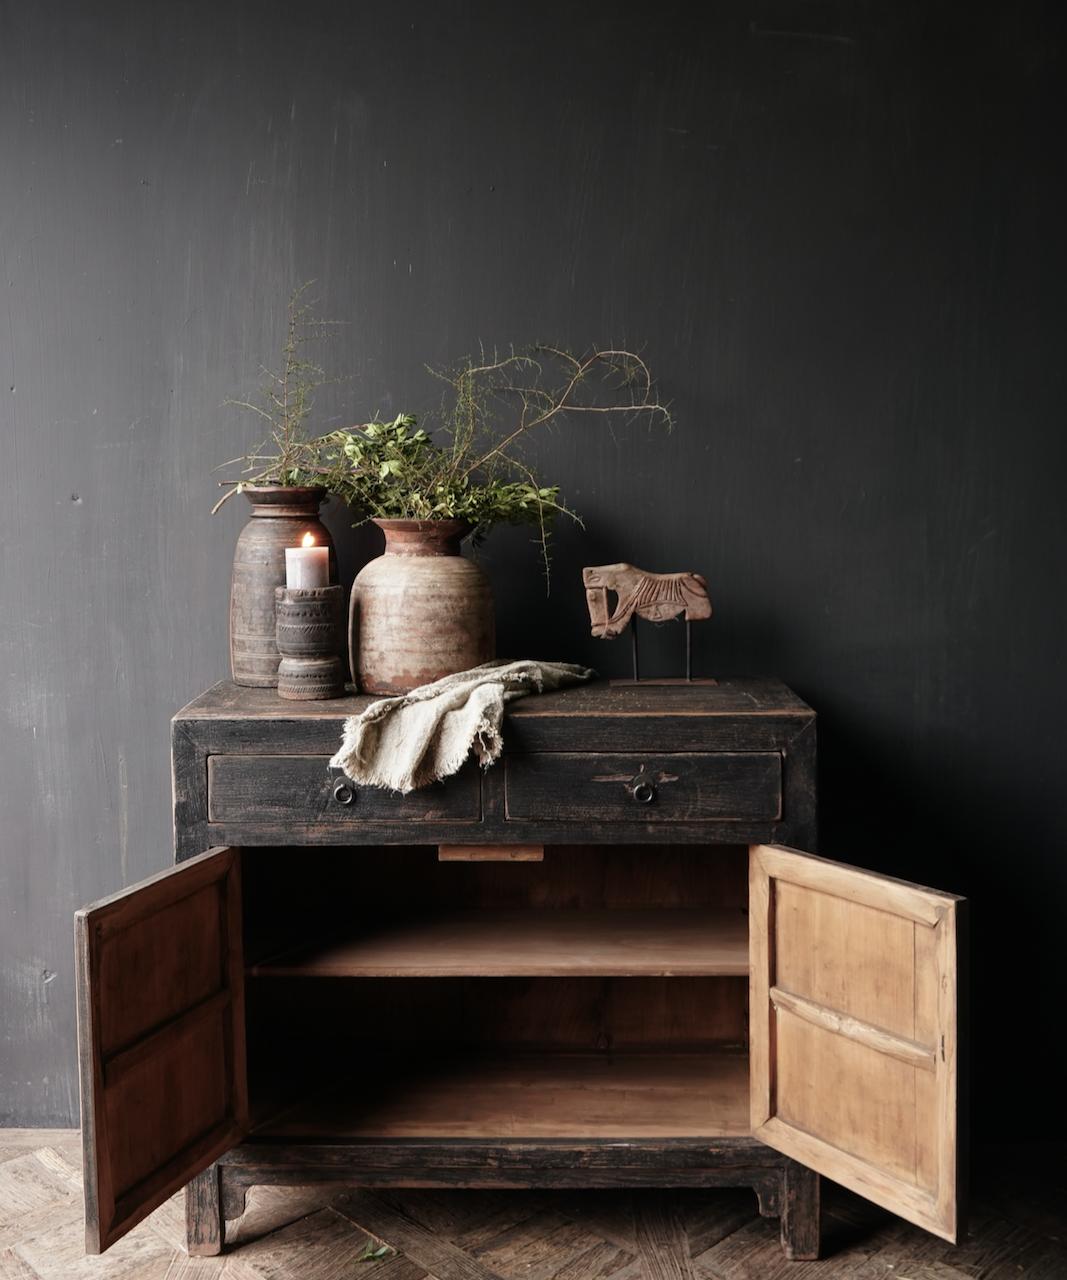 Ländlicher dunkler zweitüriger Holzschrank / Sideboard-3